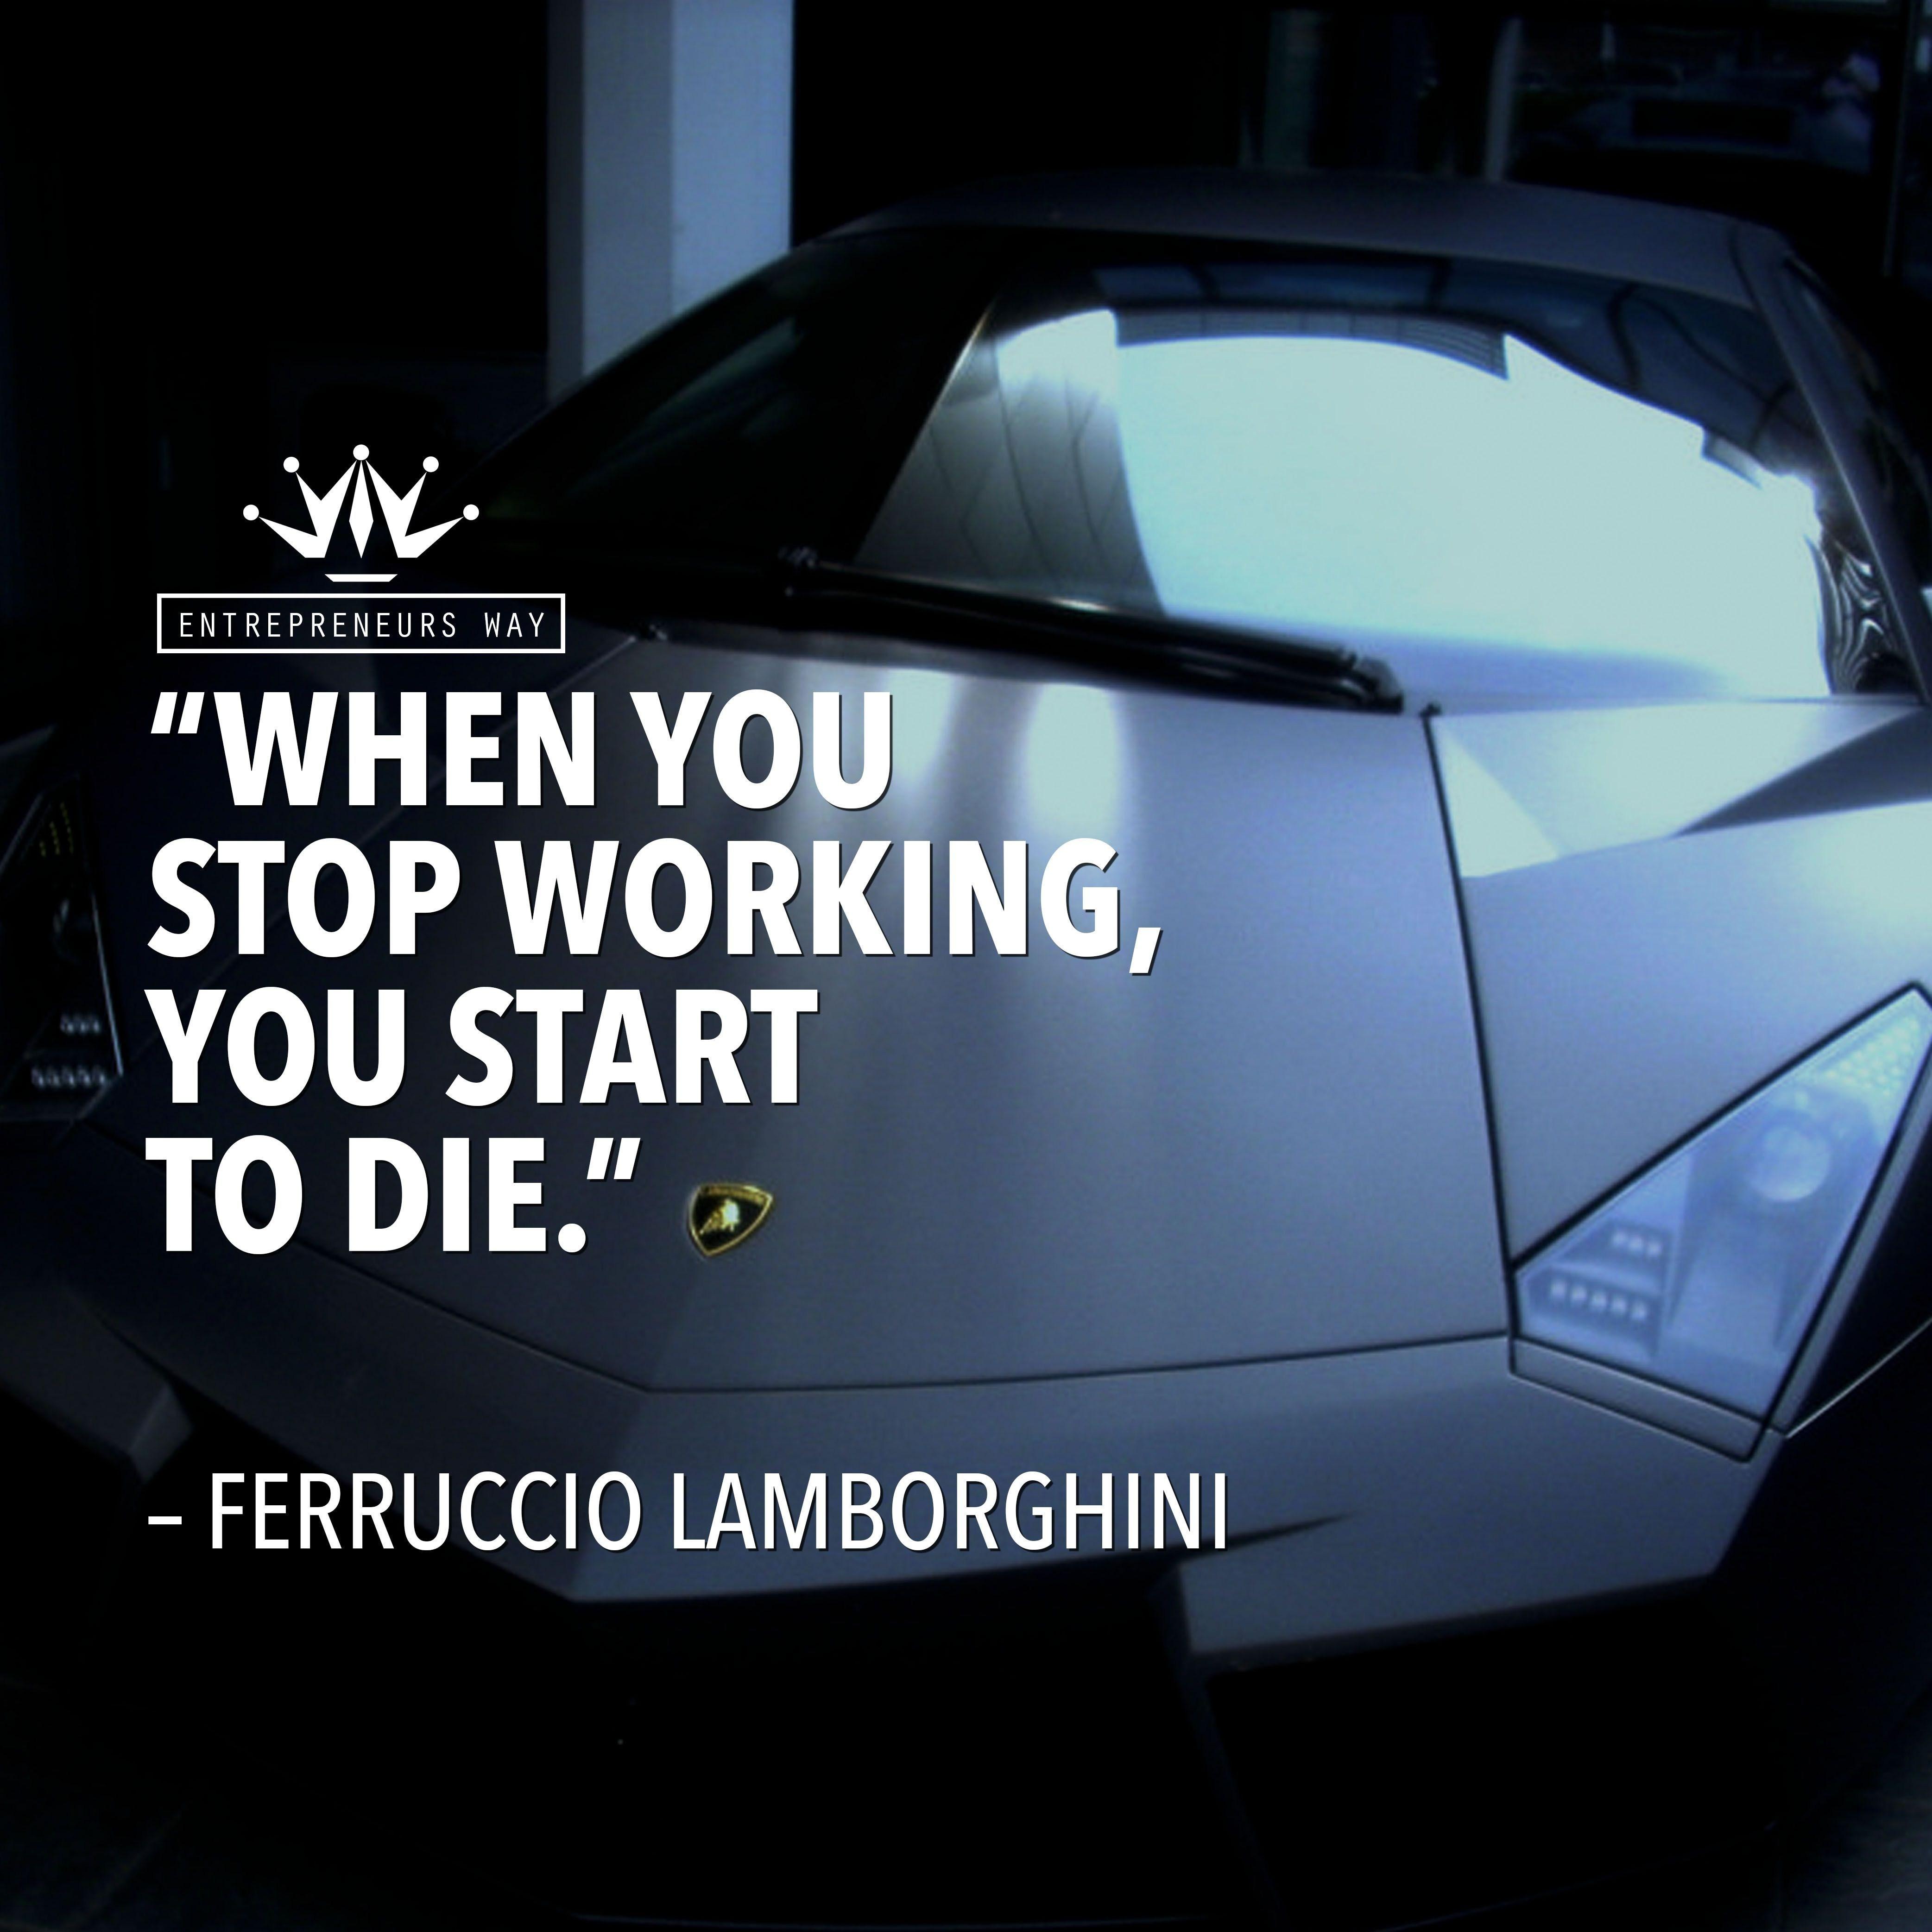 Lamborghini Zum Ausmalen Genial Ausmalbilder Auto Lamborghini Schön Lamborghini Coloring Page Bilder